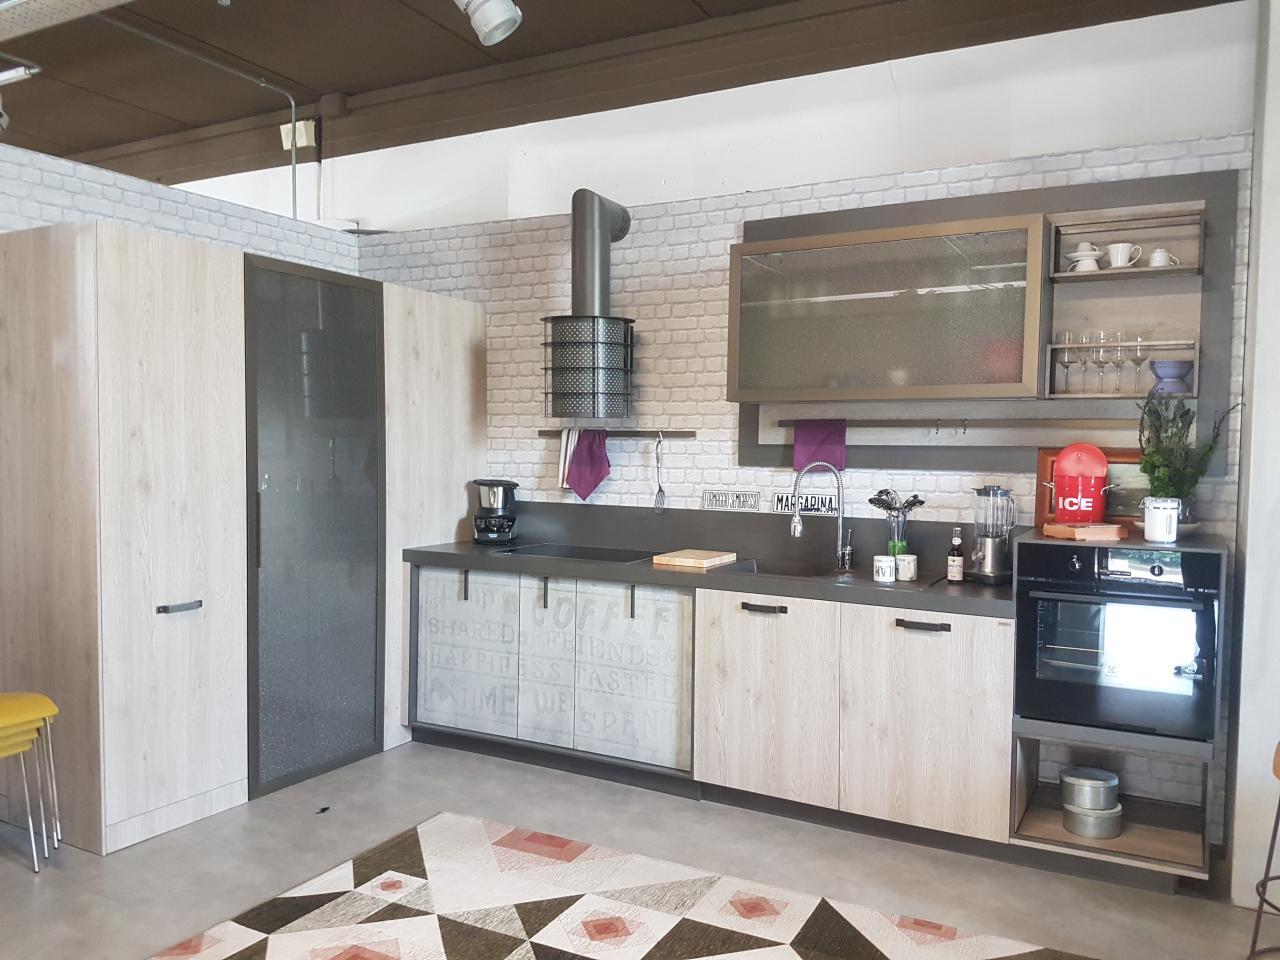 Cucina Snaidero Loft Offerta Cucine Moderne A Prezzo Outlet A Leccio